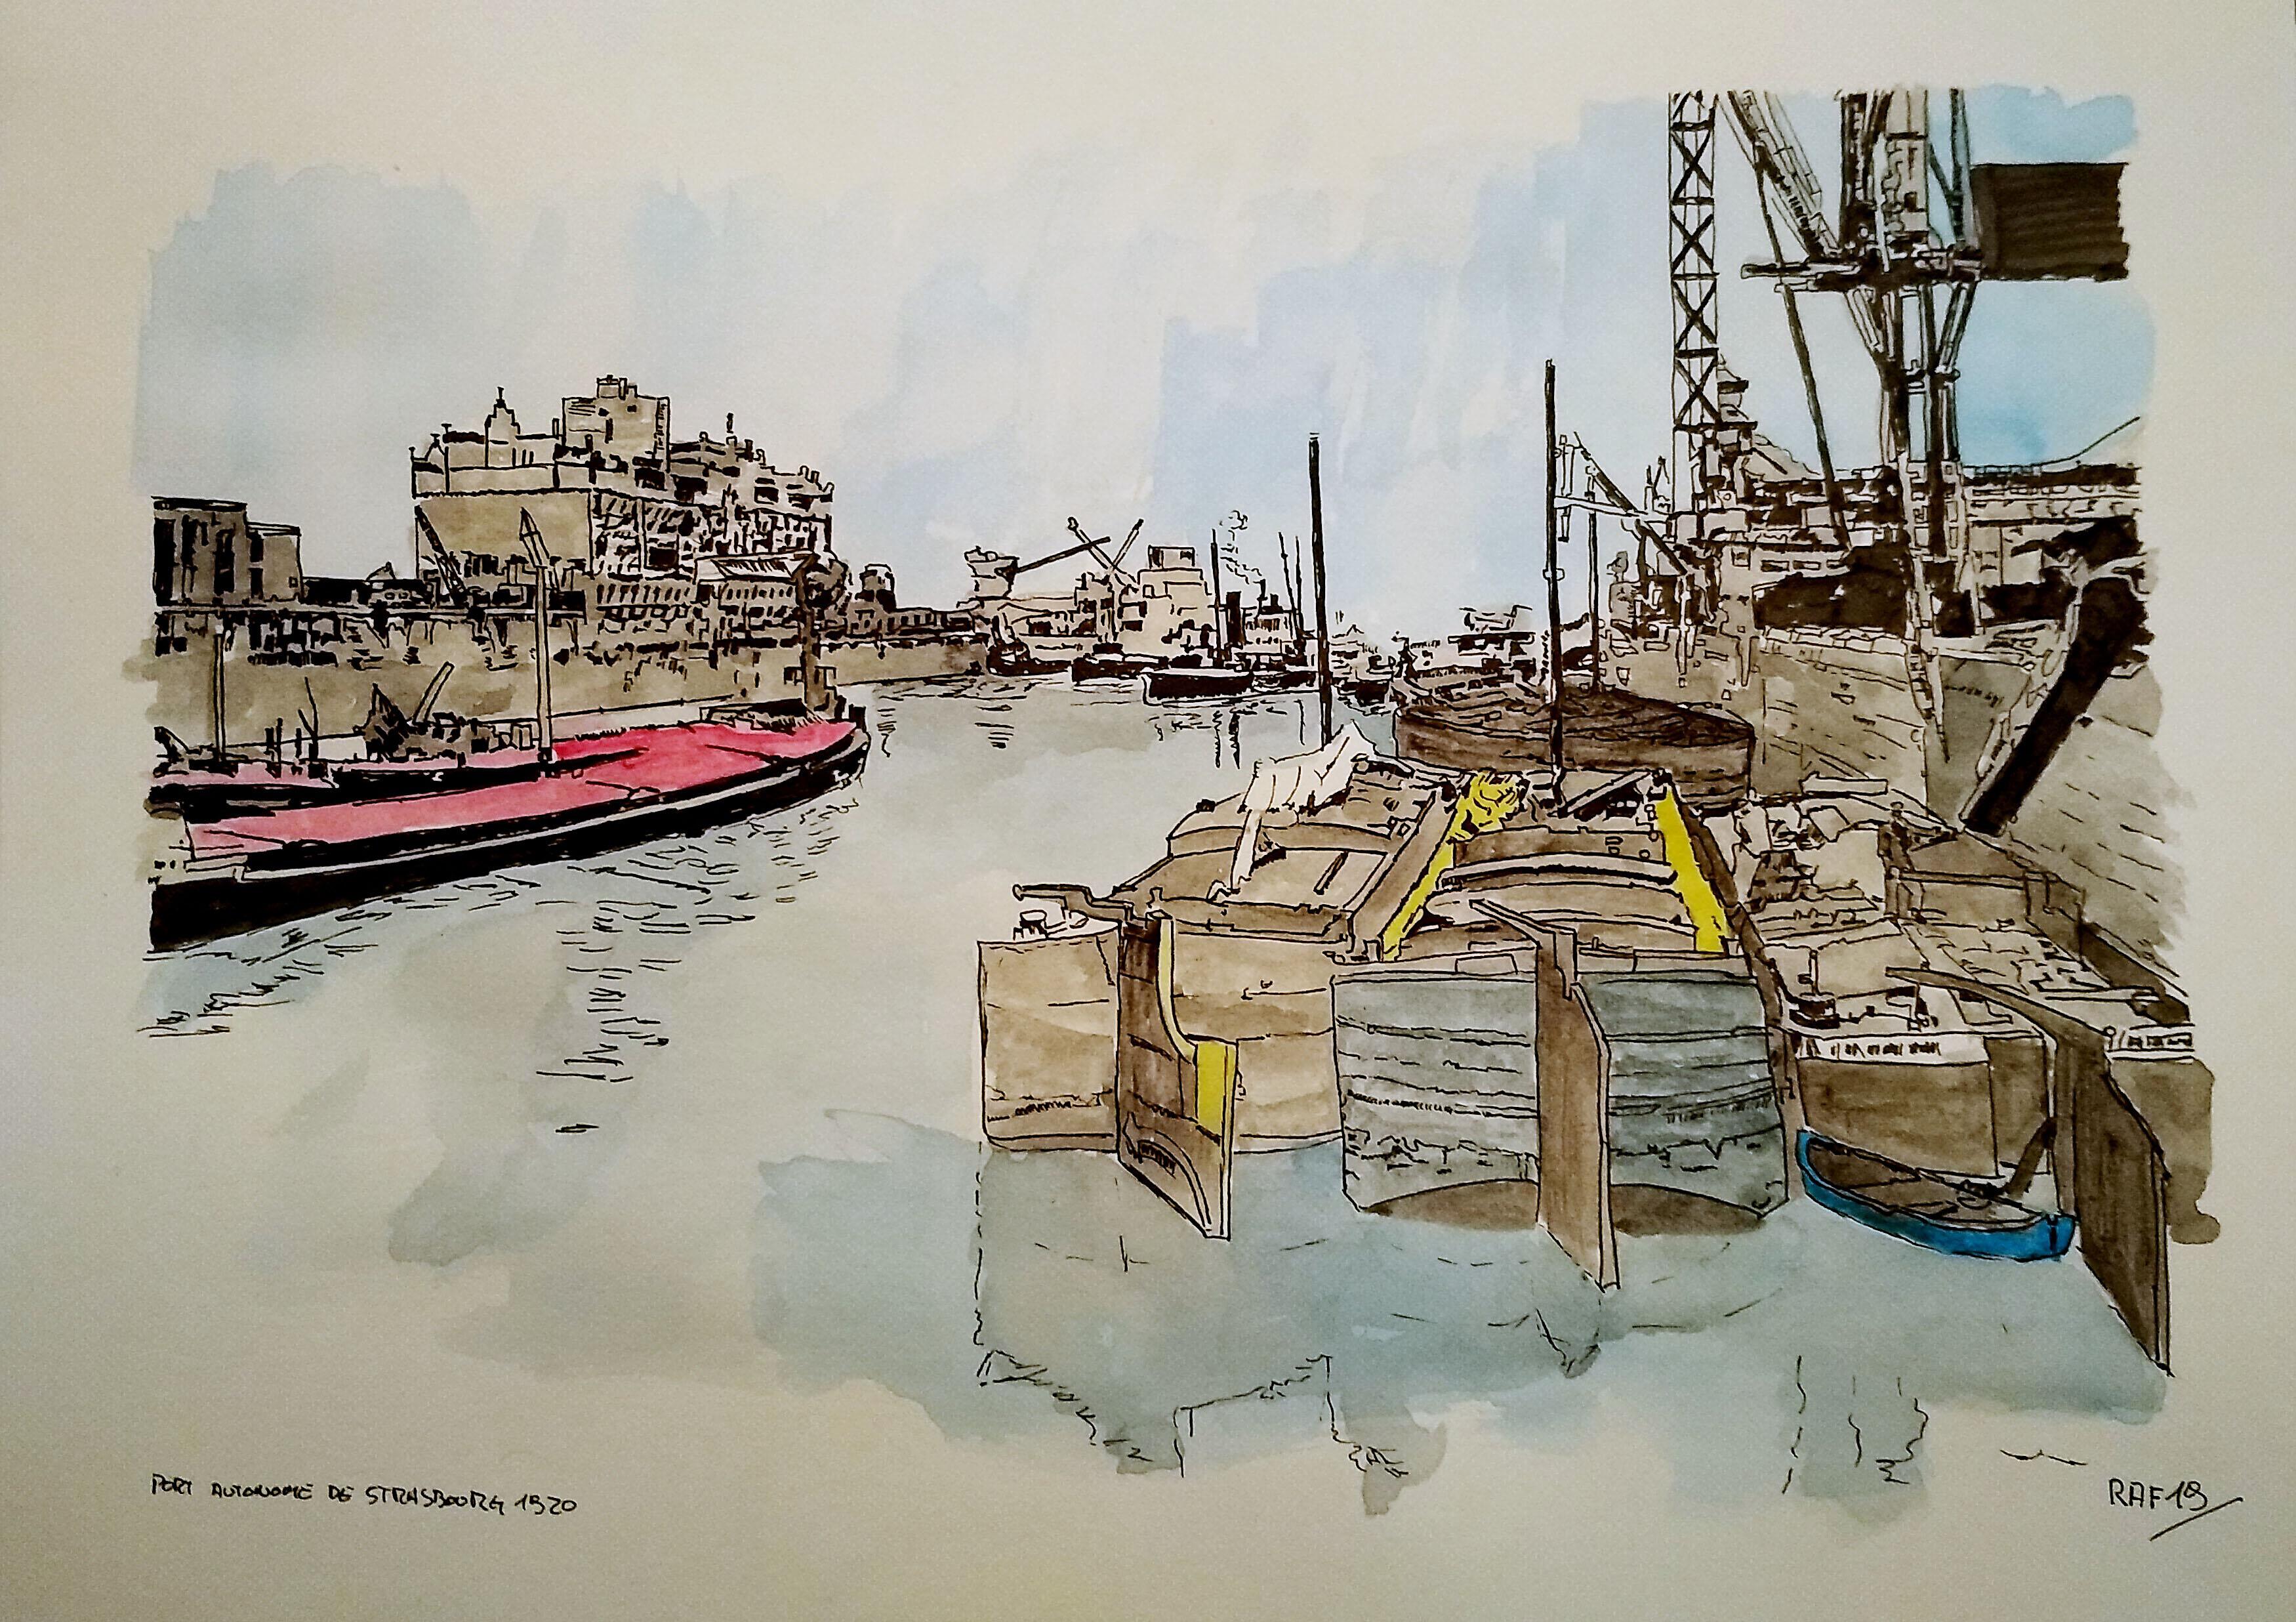 Stasbourg - port autonome